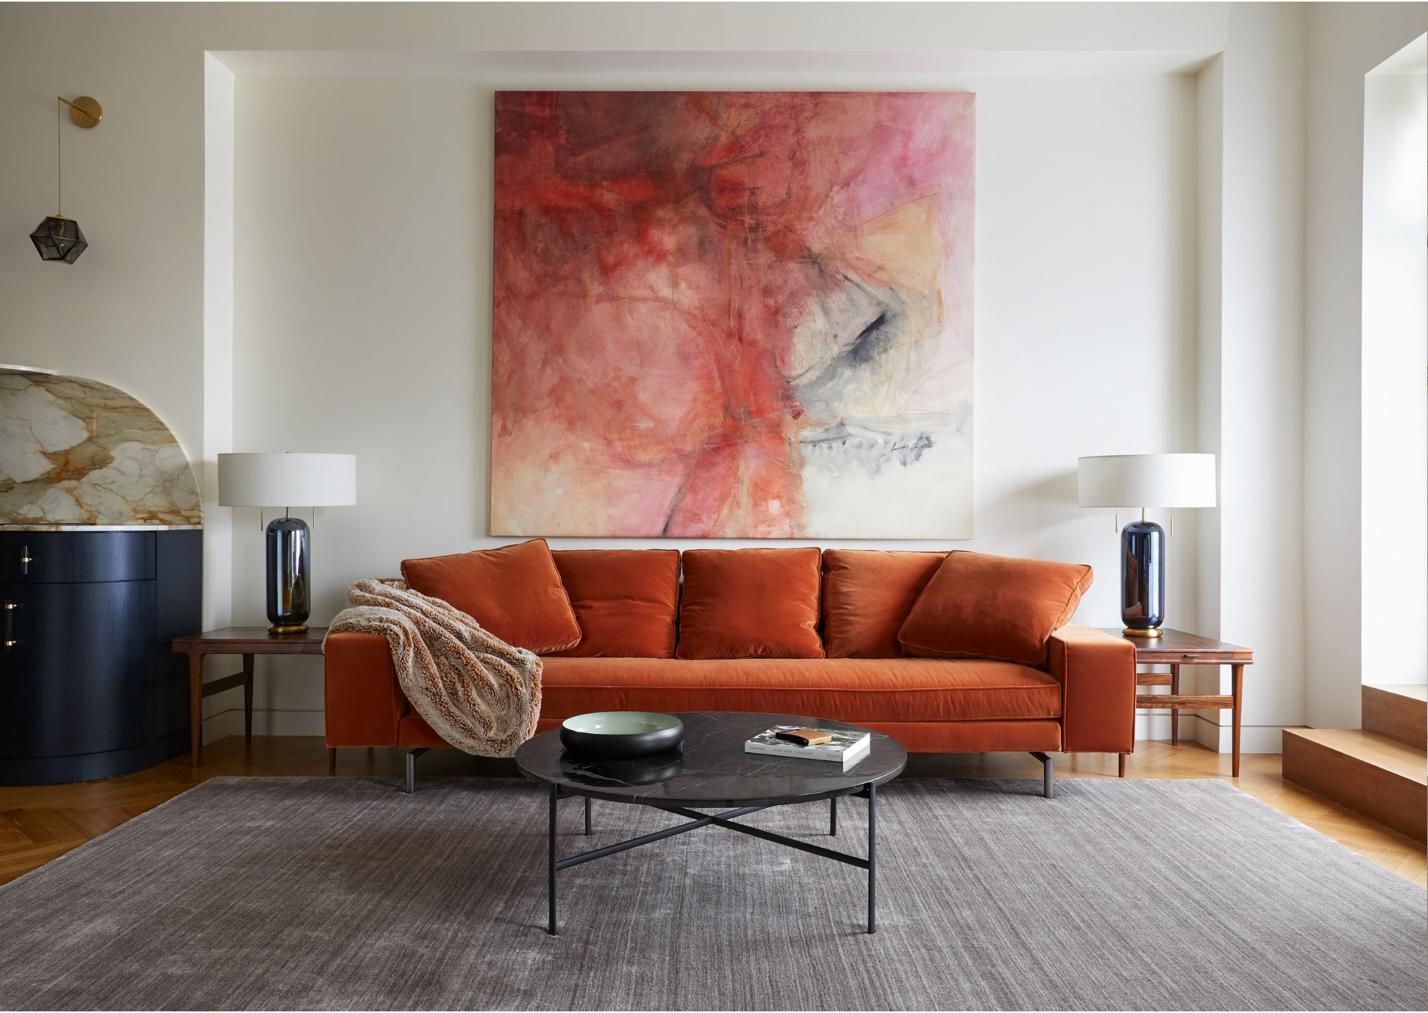 chiếc sofa bọc nhung màu da cam giữa phòng khách